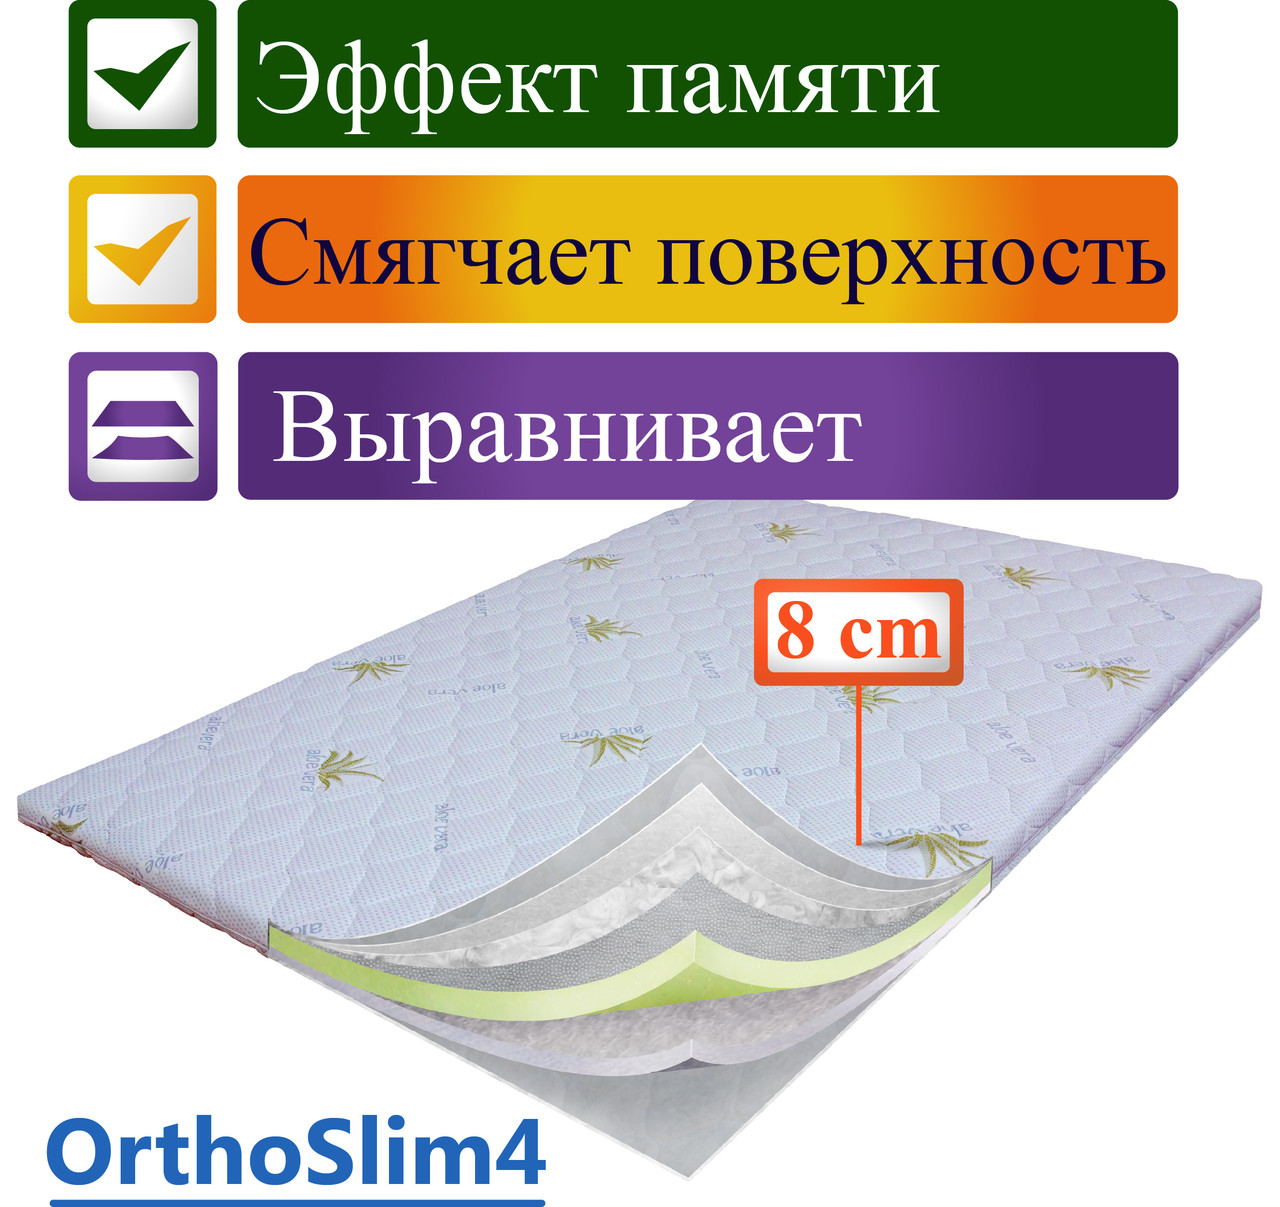 Тонкий ортопедический матрас (наматрасник, футон, топер) OrthoSlim4. Высота 8 см.